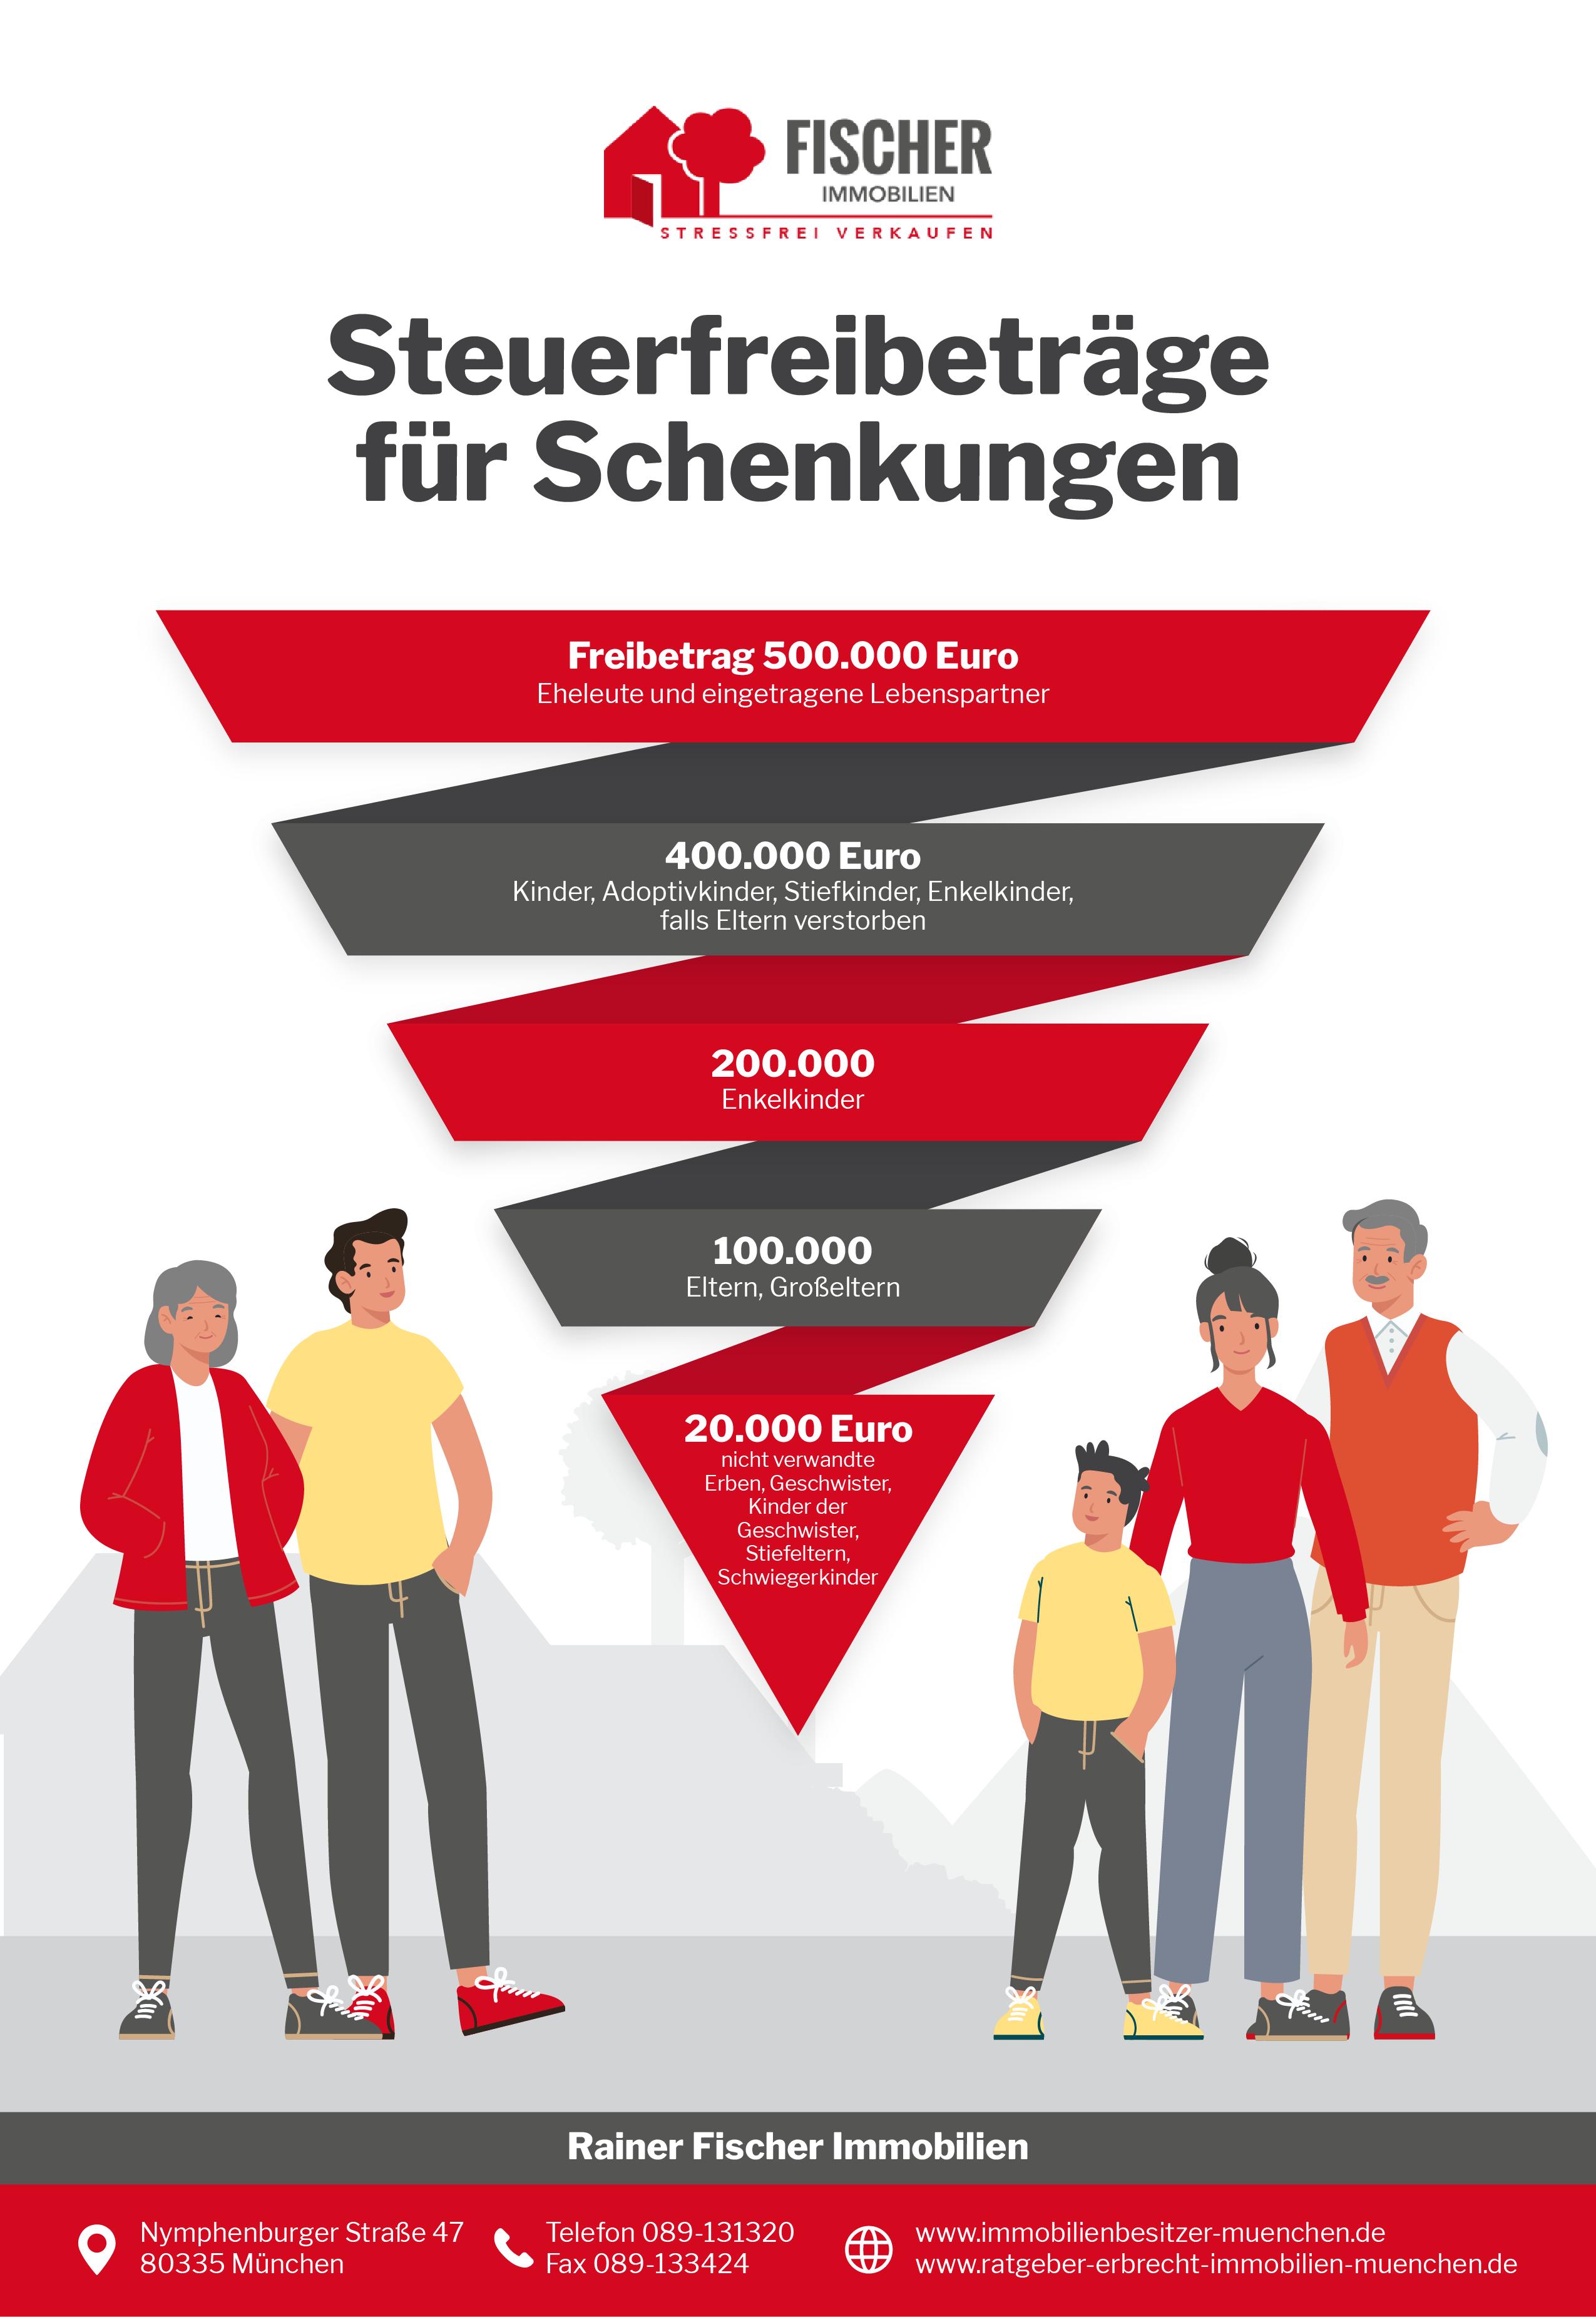 Erbrecht Infografik -  Steuerfreibeträge für Schenkungen